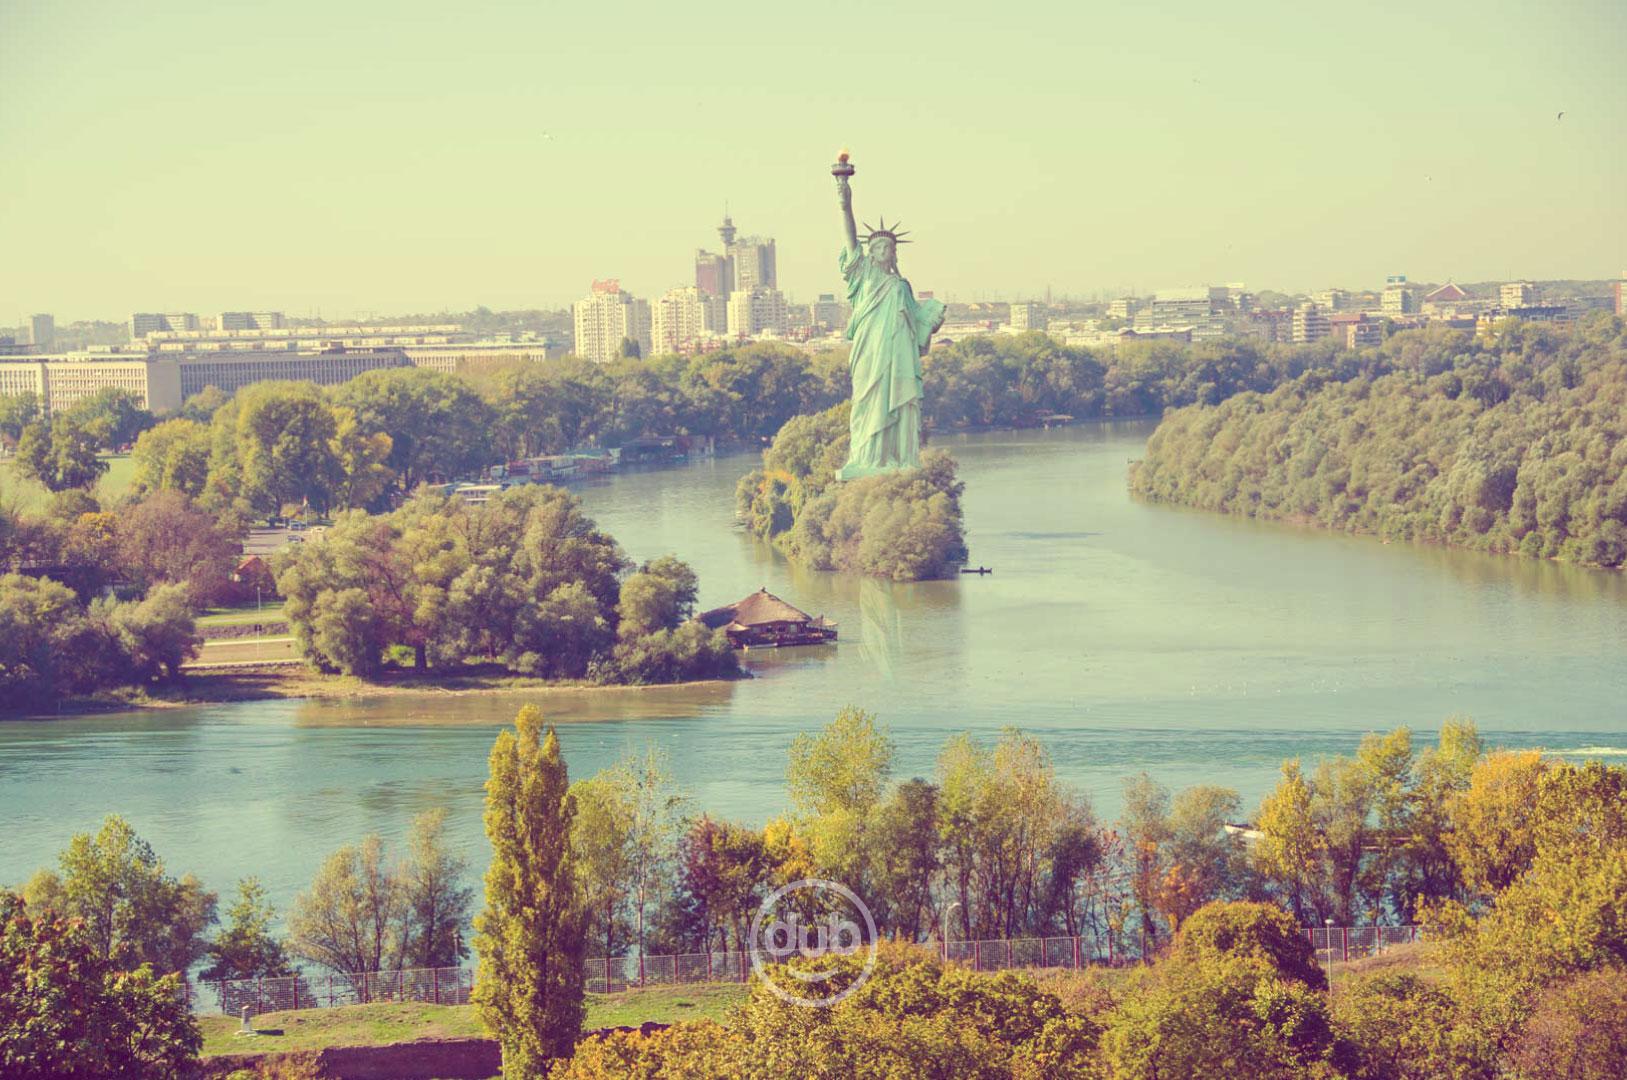 ŠBBKBB: Svetske atrakcije u Beogradu - Kip slobode